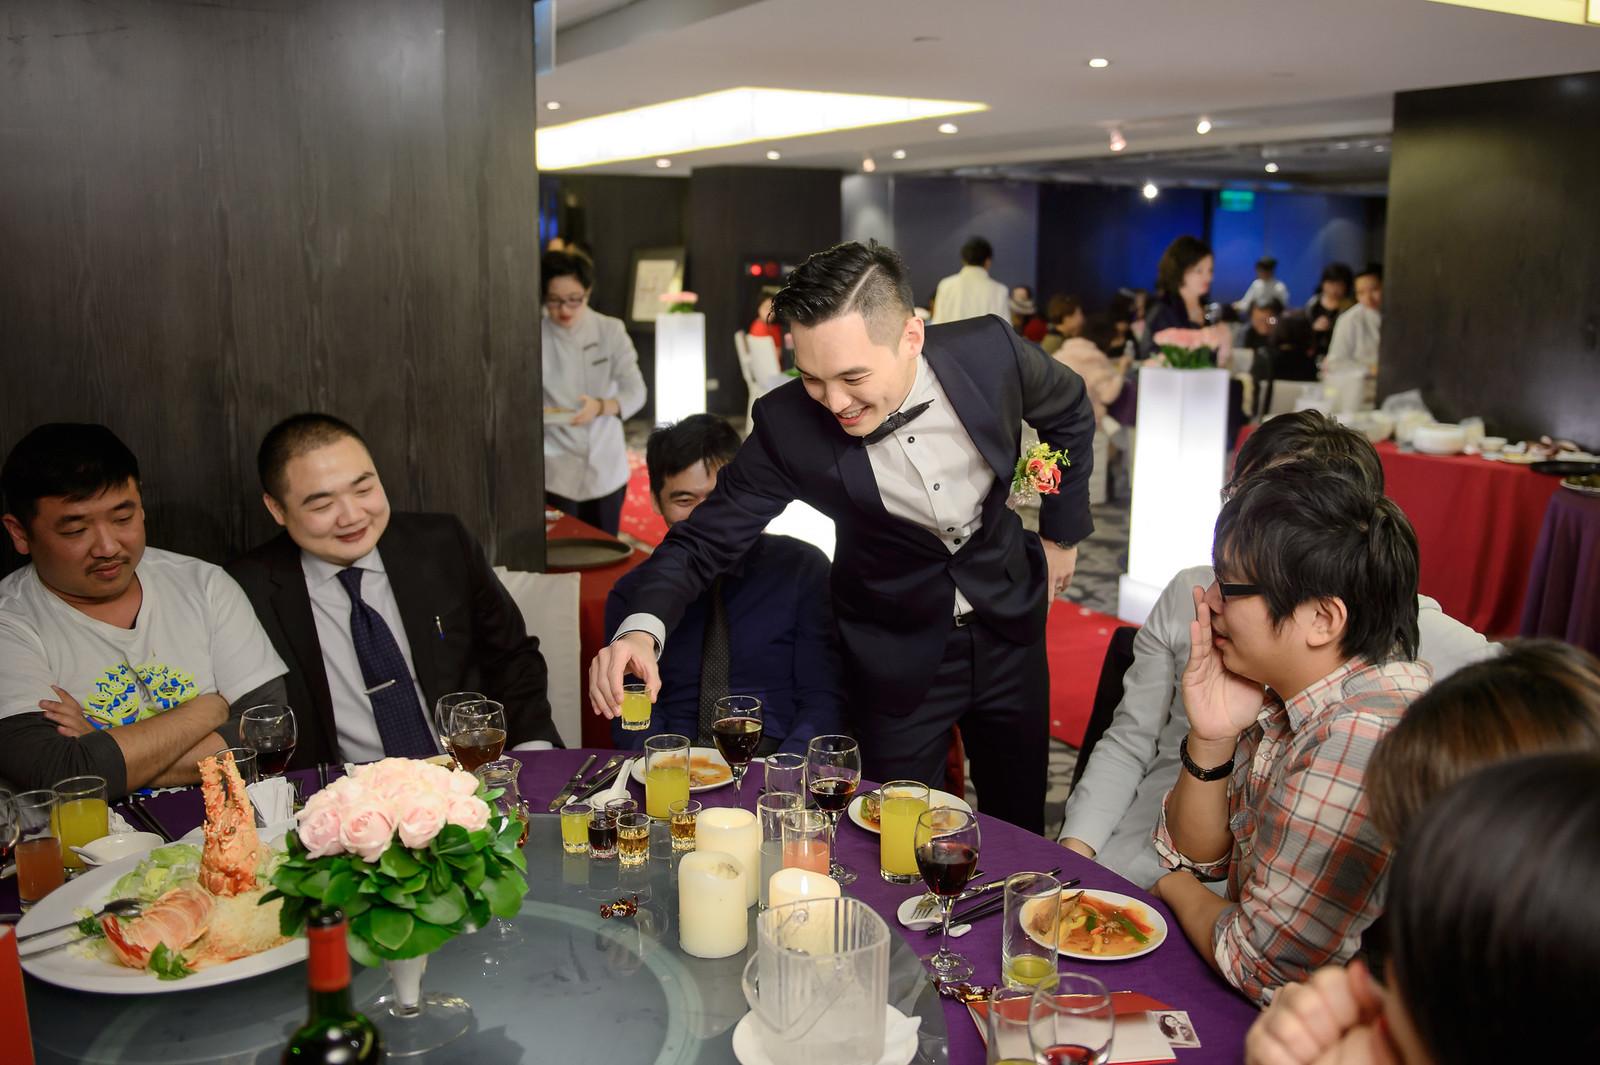 台北婚攝, 婚禮攝影, 婚攝, 婚攝守恆, 婚攝推薦, 晶華酒店, 晶華酒店婚宴, 晶華酒店婚攝-100